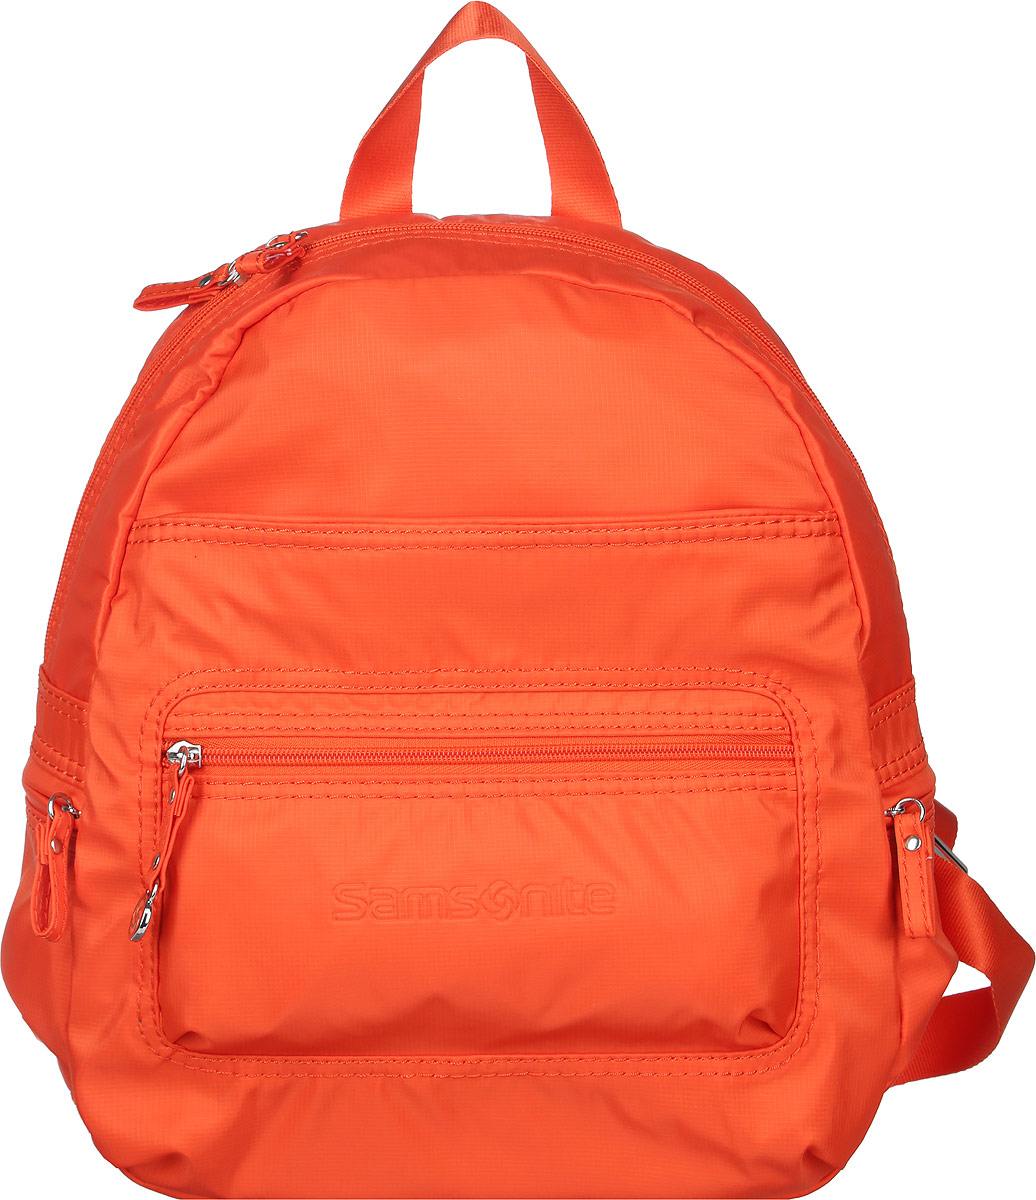 Рюкзак женский Samsonite, цвет: оранжевый. 5H3*96024S76245Стильный женский рюкзак Samsonite выполнен из полиамида. Изделие имеет одно основное отделение, закрывающееся на застежку-молнию. Внутри находятся прорезной карман на застежке-молнии, текстильный ремешок с карабином для ключей и два накладных открытых кармана. Снаружи, на передней стенке расположены два нашивных кармана на застежках-молниях. По бокам предусмотрены дополнительные кармашки на застежках-молниях. Модель оснащена регулируемыми лямками и удобной ручкой для переноски в руках. Стильный рюкзак позволит вам завершить образ и подчеркнет ваше отменное чувство стиля.